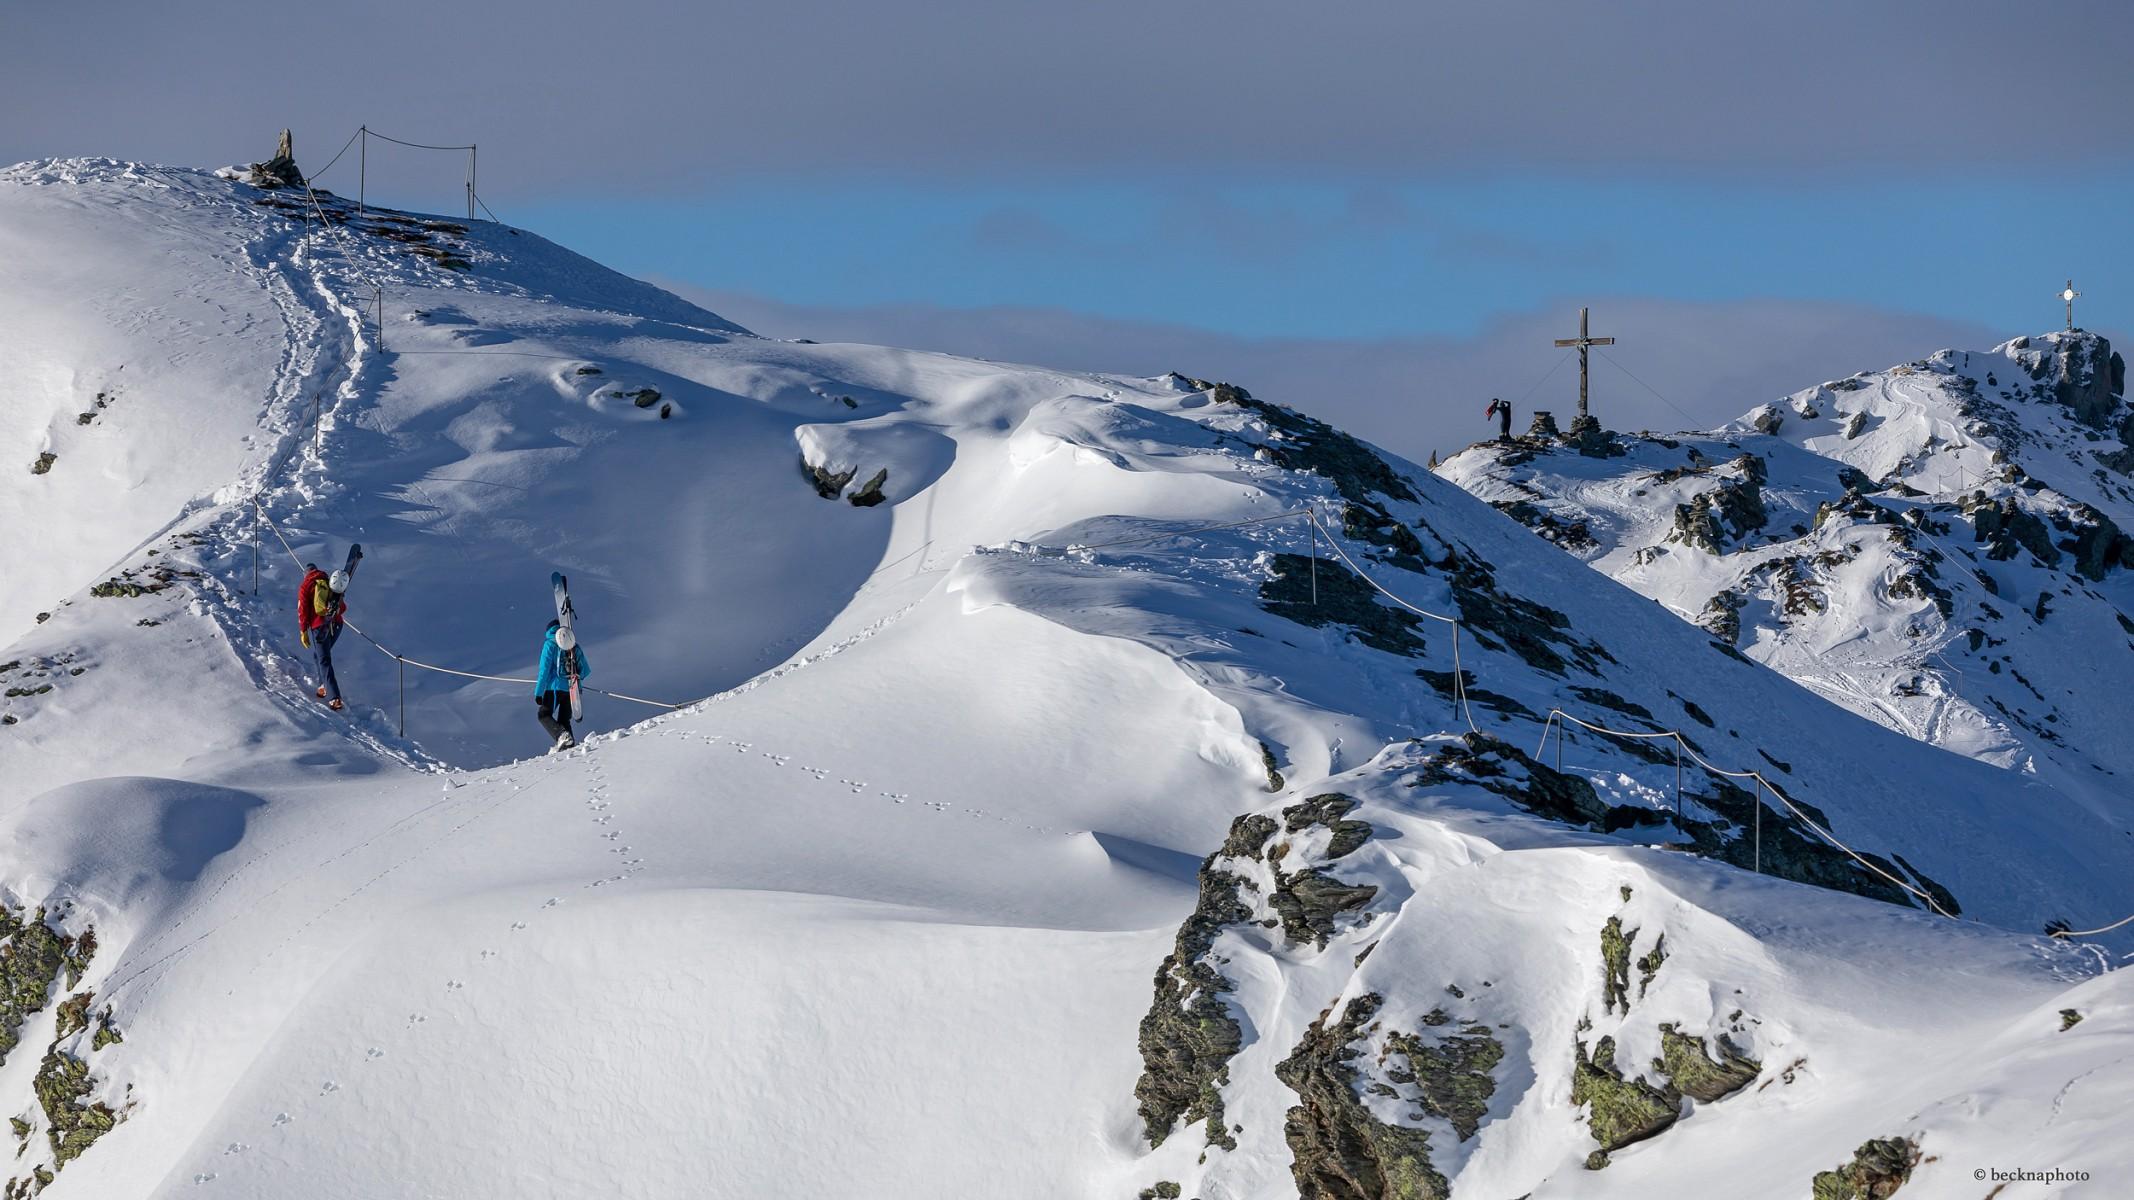 pDas-erste-Etappenziel-ist-das-Gipfelkreuz-des-Wimbachkopfes-auf-2442-m-Houmlhep